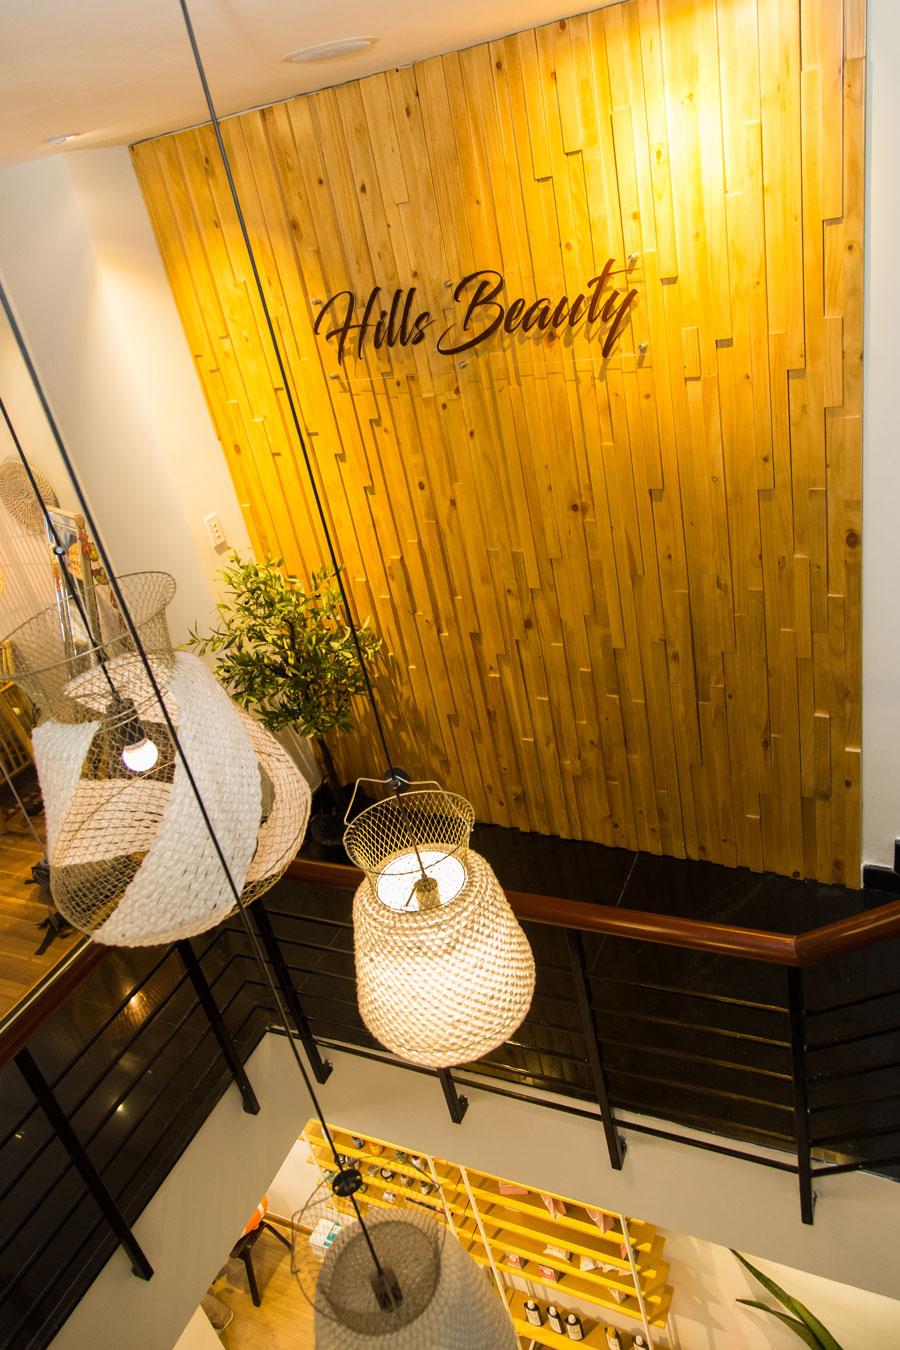 Những hình ảnh về Hillsbeauty cơ sở 3 – Phan Ngữ, Đakao, Quận 1, TP HCM 3